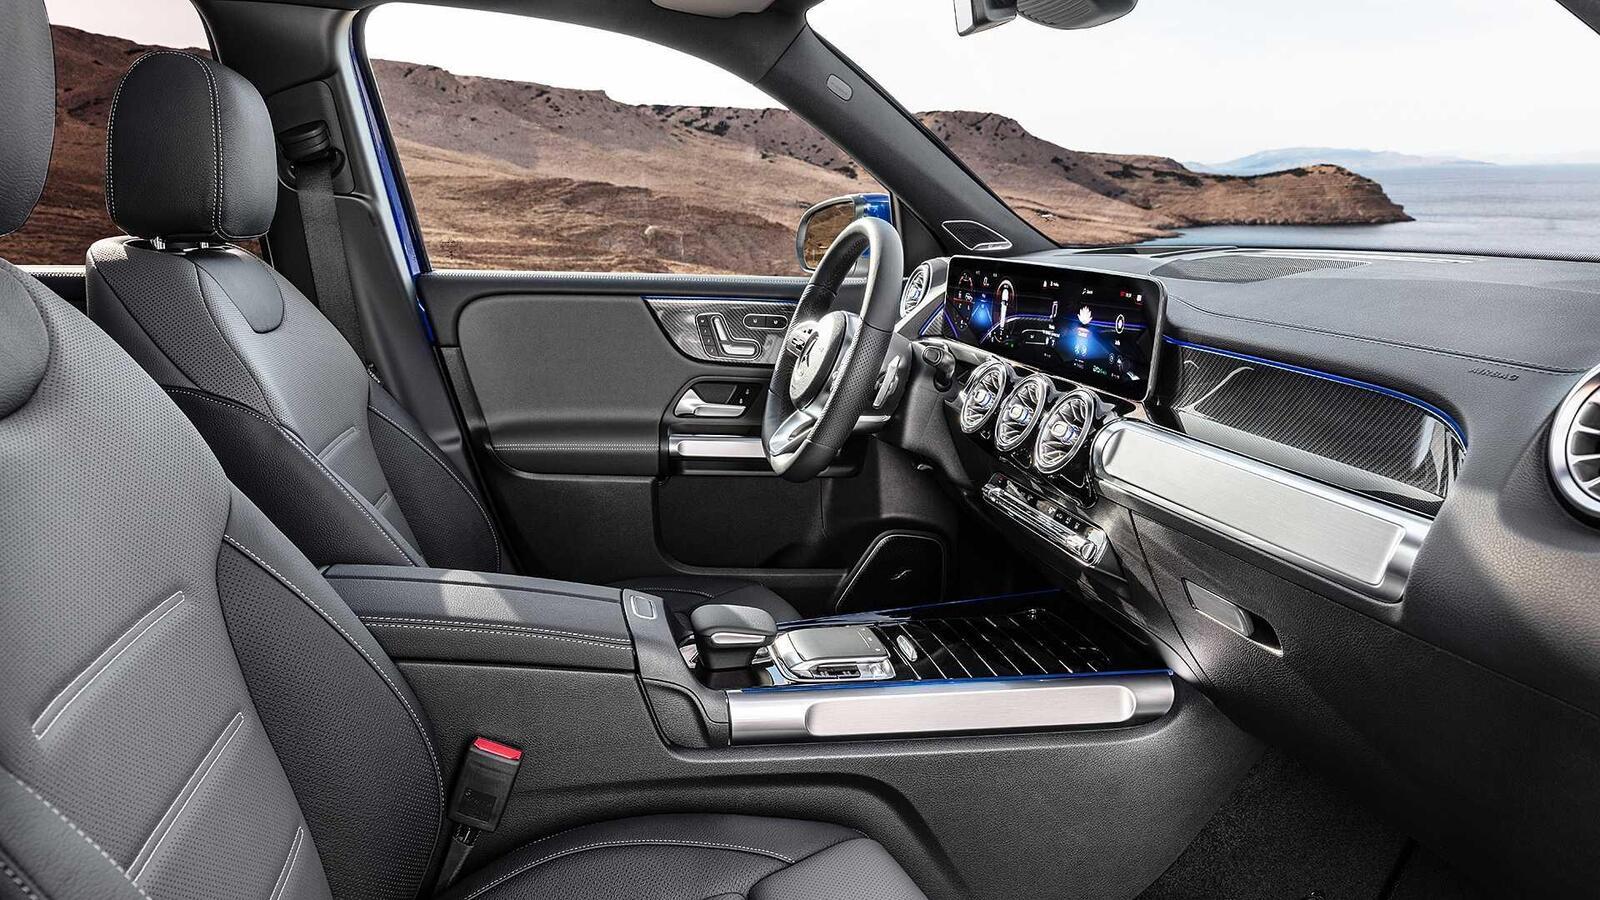 Mercedes-Benz GLB 2020 chính thức ra mắt: xe 7 chỗ dành cho gia đình - Hình 14